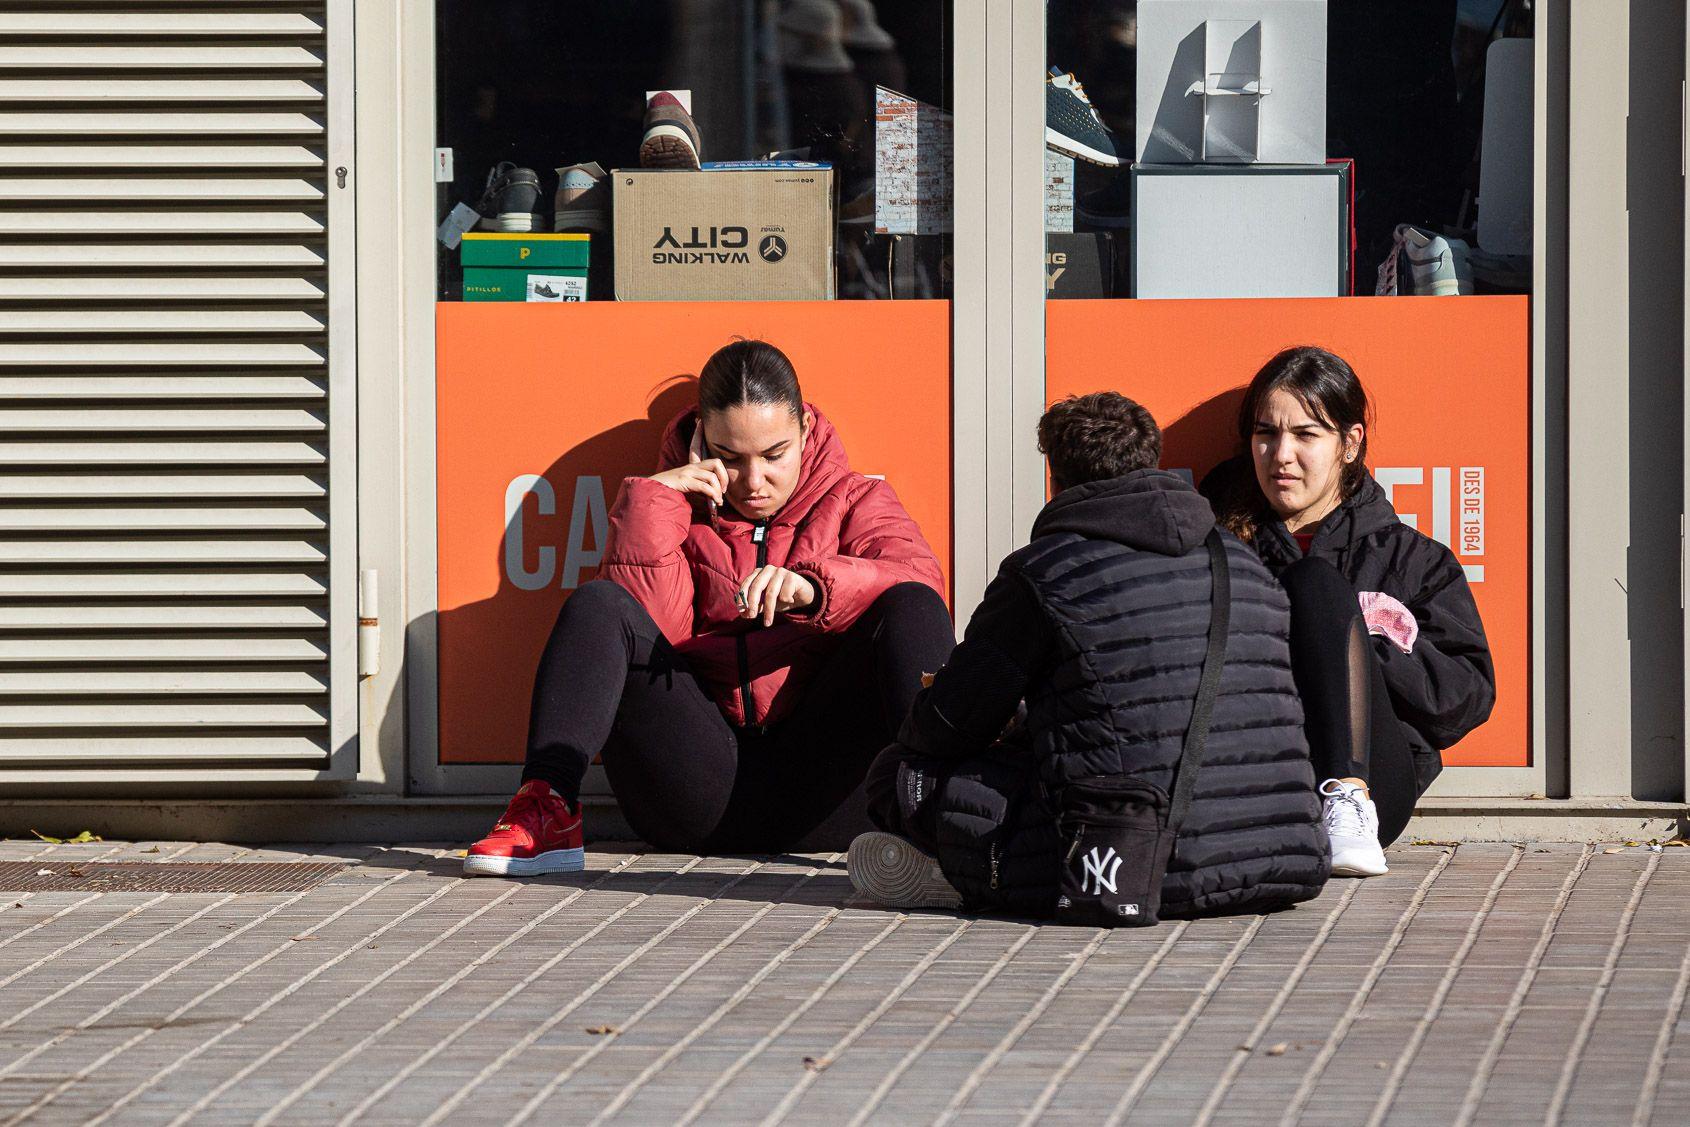 Un grup de tres joves parlen al carrer / Jordi Borràs